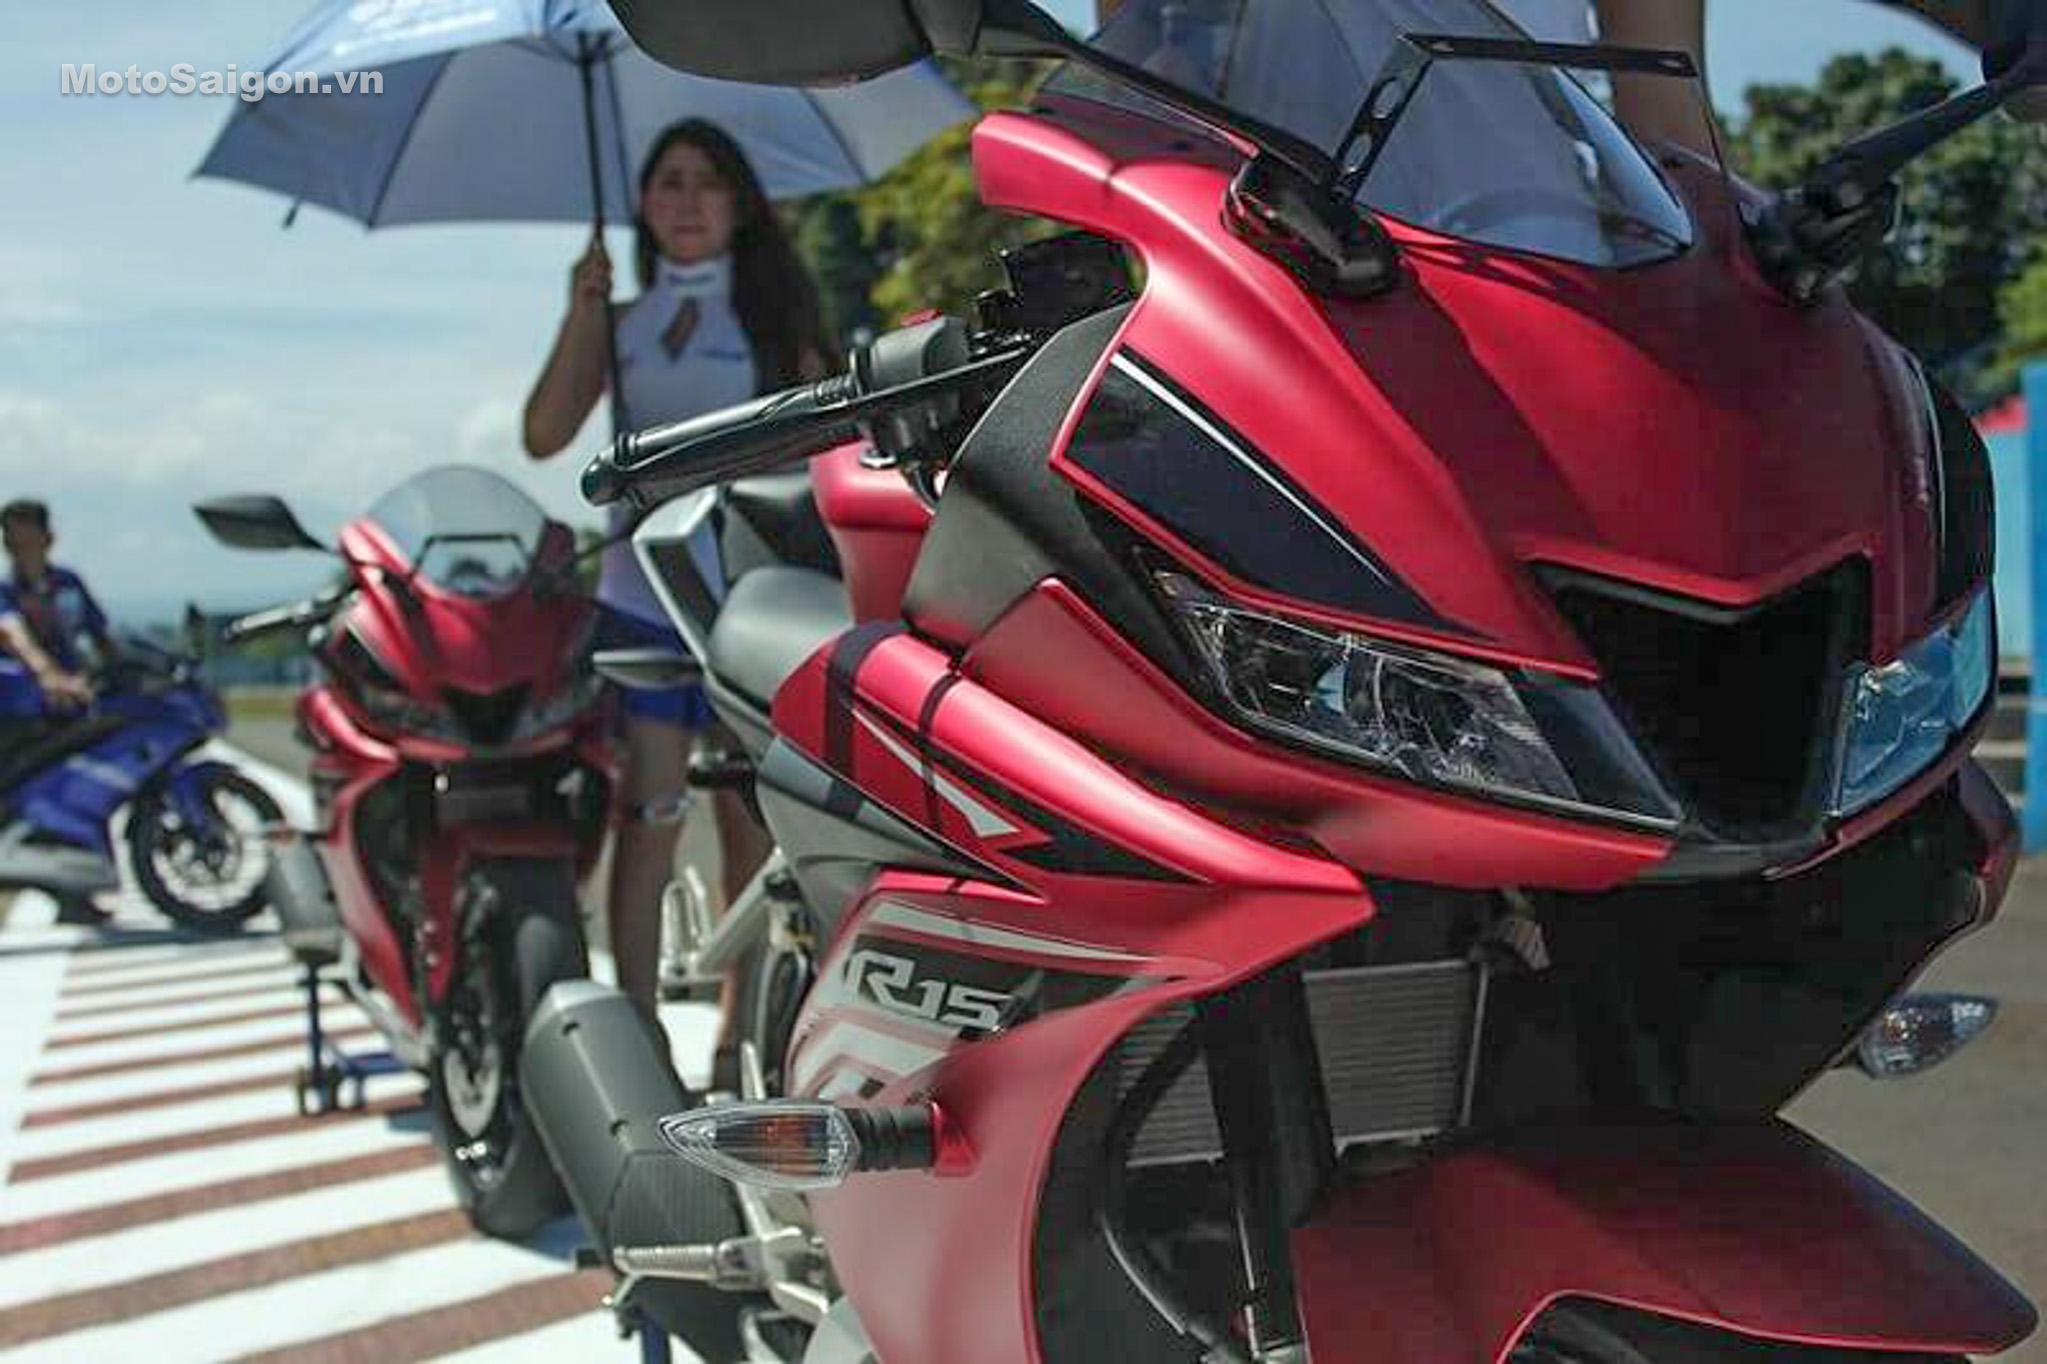 danh-gia-xe-yamaha-r15-v3-2017-hinh-anh-motosaigon-15